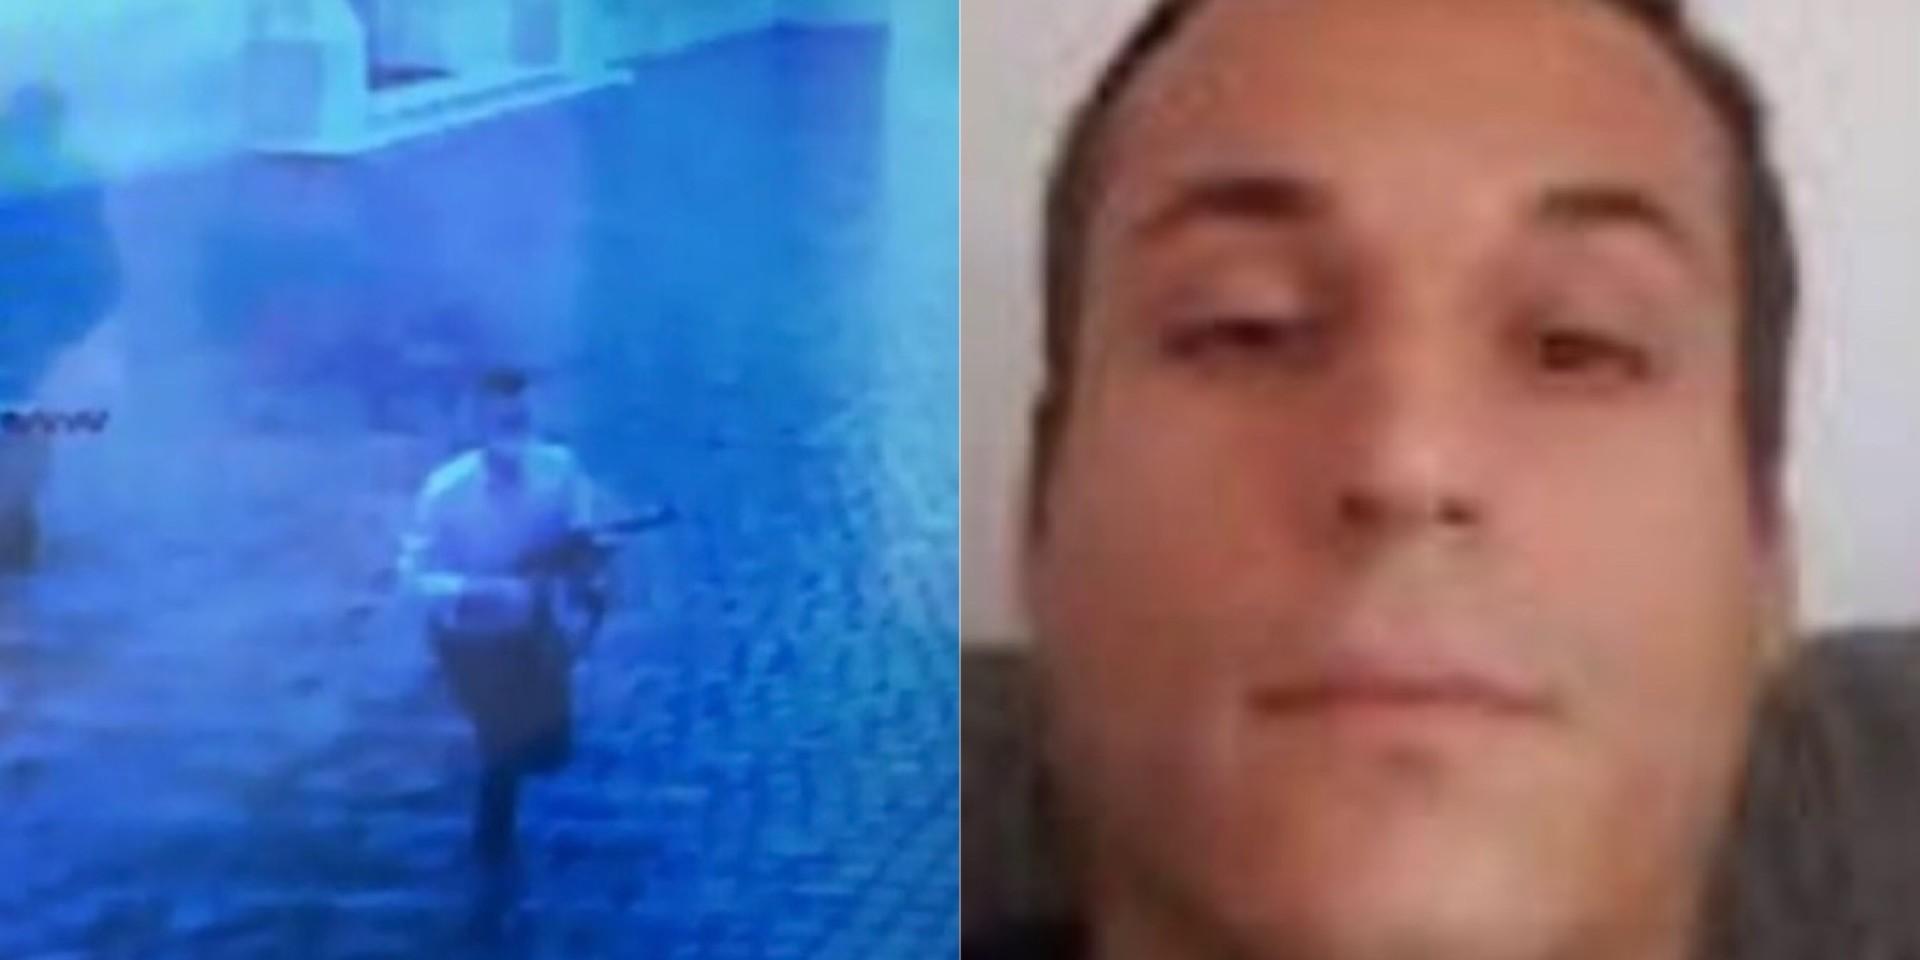 TEŠKO RANJENI POLICAJAC OSKAR FIURI: Borac sam i neću se predati